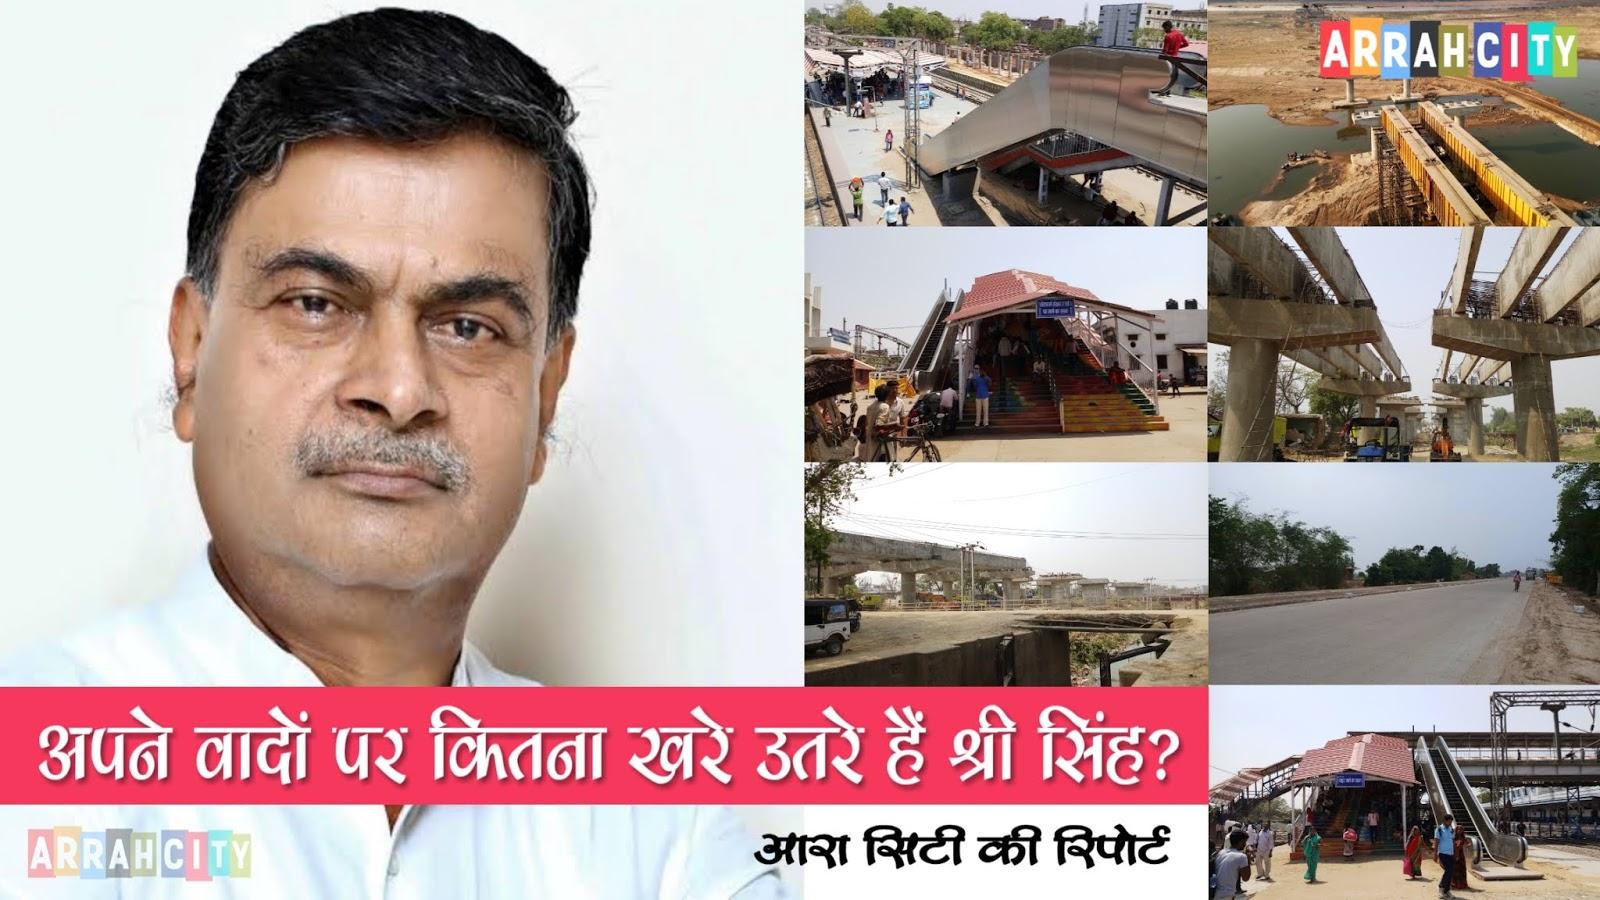 आरा के सांसद आर के सिंह के कार्यकाल में कितना बदला आरा?, जानिए उनके 5 साल के काम को